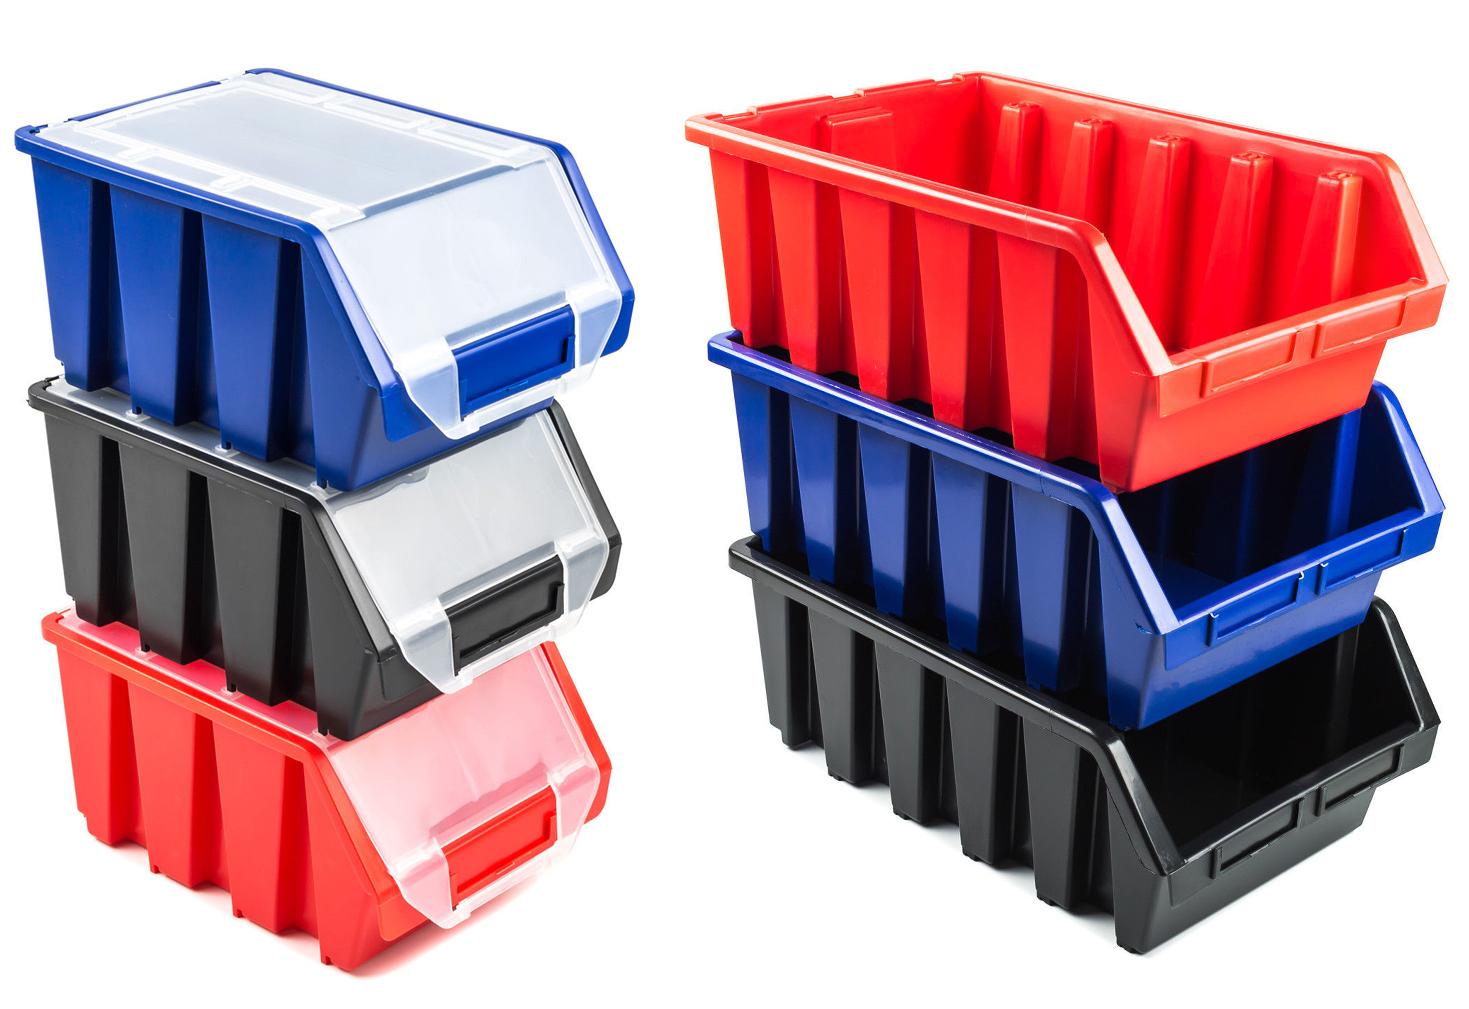 Boîte Rangement Empilable Bac à Bec Boîte Ergobox avec/sans Couvercle 3 Couleurs | eBay